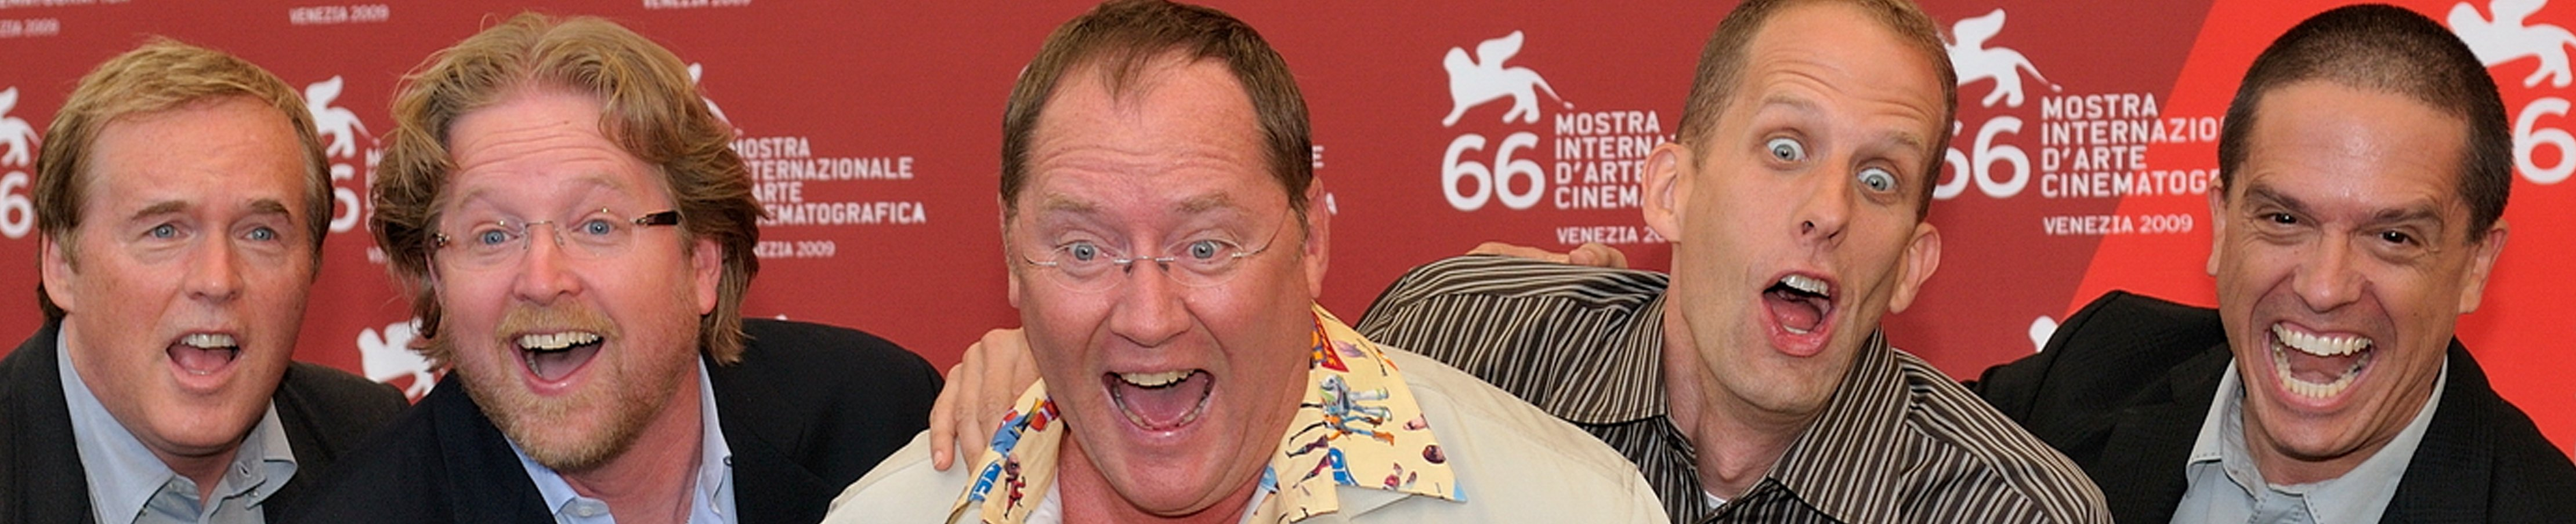 Grandes cagadas en el mundo de la Animación John Lasseter Pixar se rie Hampa Studio